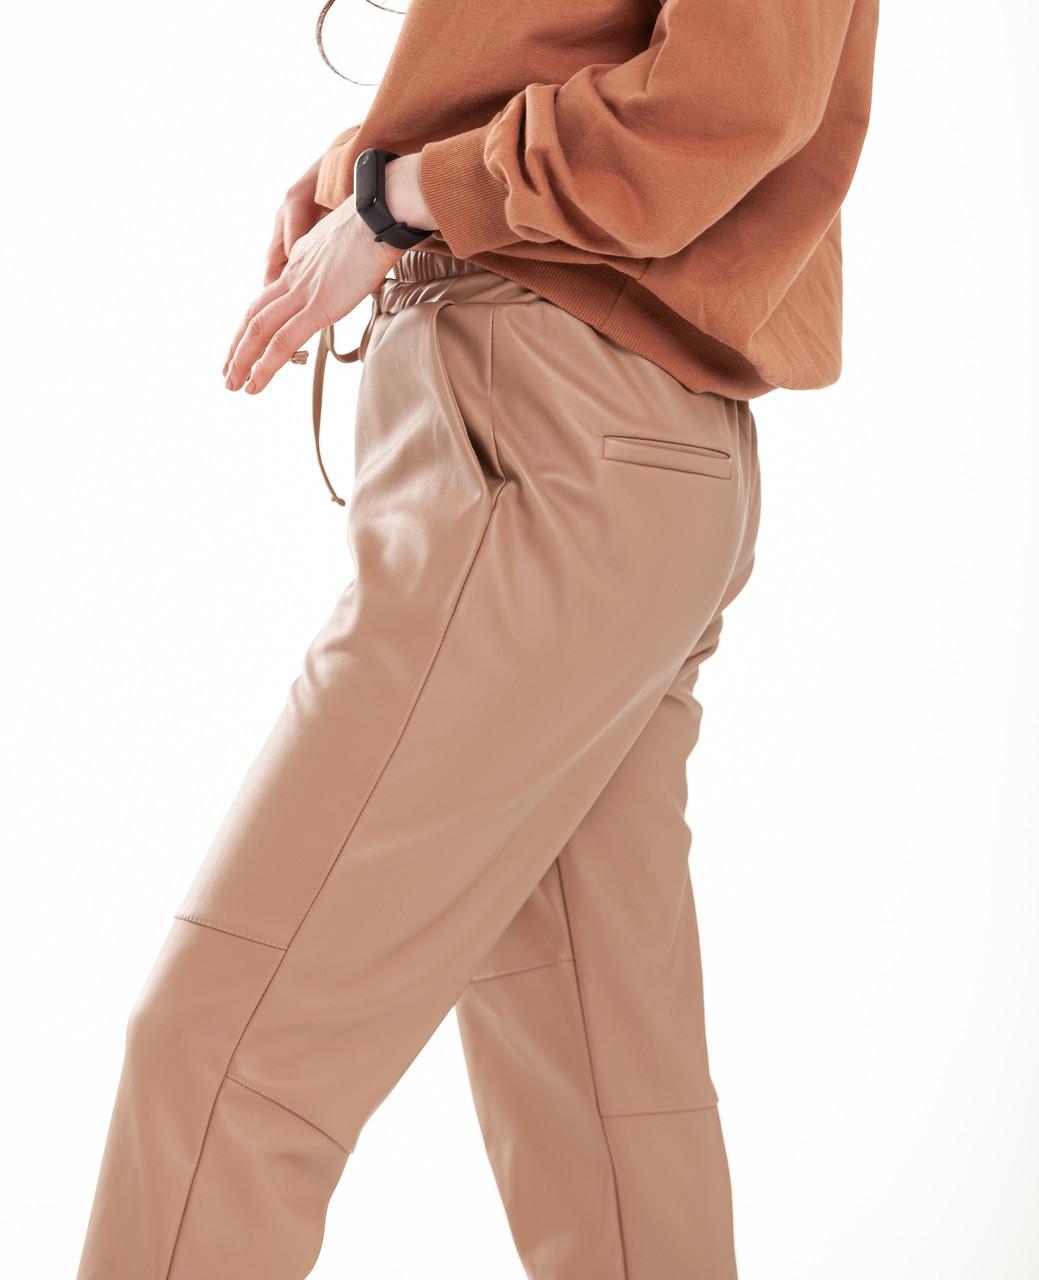 Брюки женские пояс-резинка без манжета экокожа беж с обманчивыми карманами